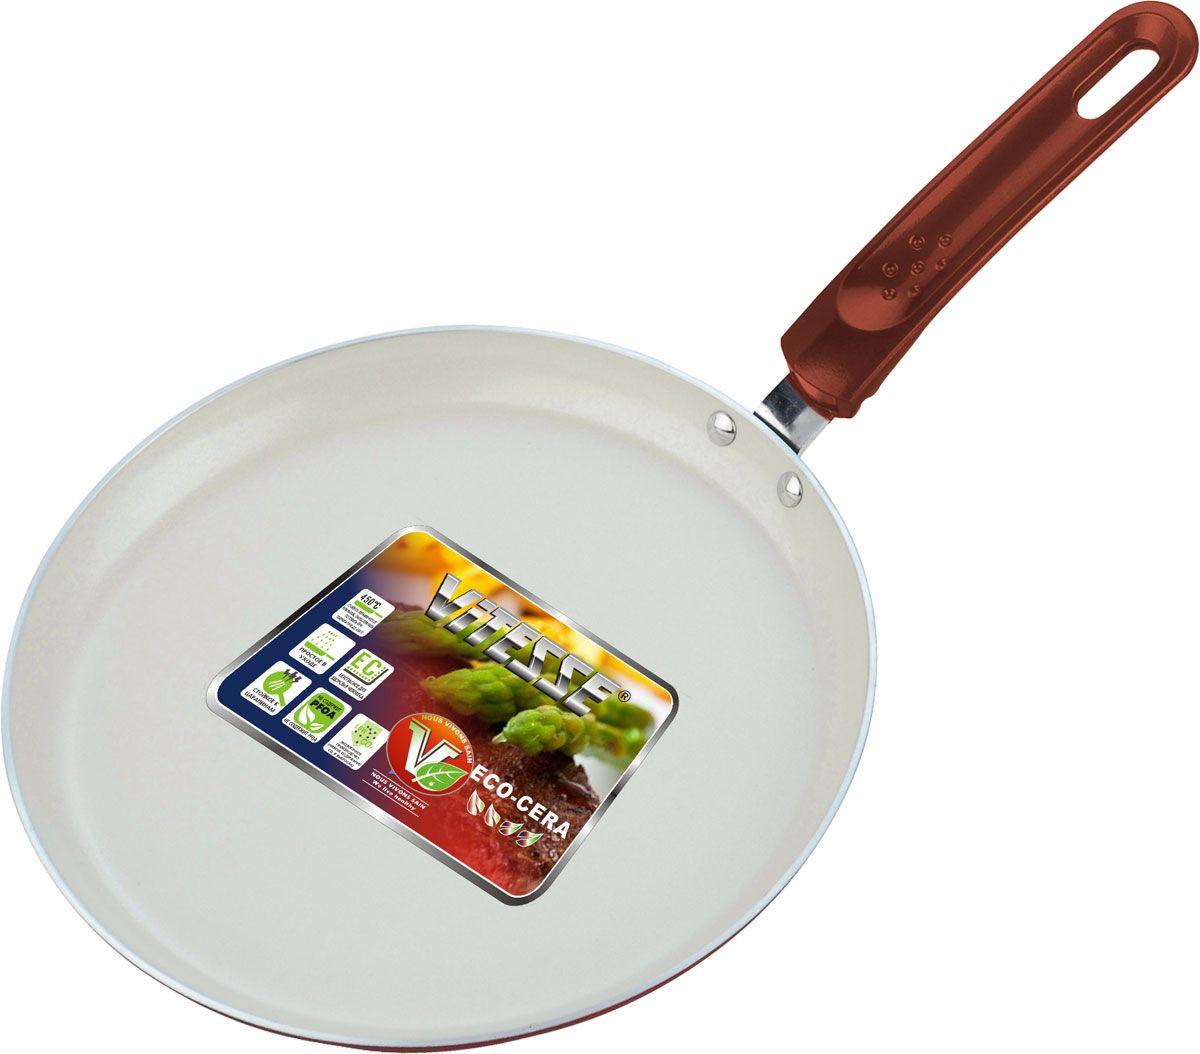 Сковорода для блинов Vitesse, цвет: синий. Диаметр 26 см. VS-7410VS-7410Сковорода Vitesse станет незаменимым помощником на кухне. Особенности:Изготовлена из высококачественного алюминия, толщина - 2,5 мм. Внешнее элегантное цветное покрытие, подвергшееся высокотемпературной обработке. Бакелитовая, высокопрочная, огнестойкая, не нагревающаяся ручка удобной формы крепится к корпусу на заклепках. Внутреннее керамическое покрытие.Быстрый нагрев и равномерное распределение тепла по всей поверхности.Подходит только для газовых, чугунных, стеклокерамических и галогеновых конфорок (не подходит для индукции). Характеристики: Материал: алюминий, бакелит. Диаметр: 26 см. Длина ручки:17 см.